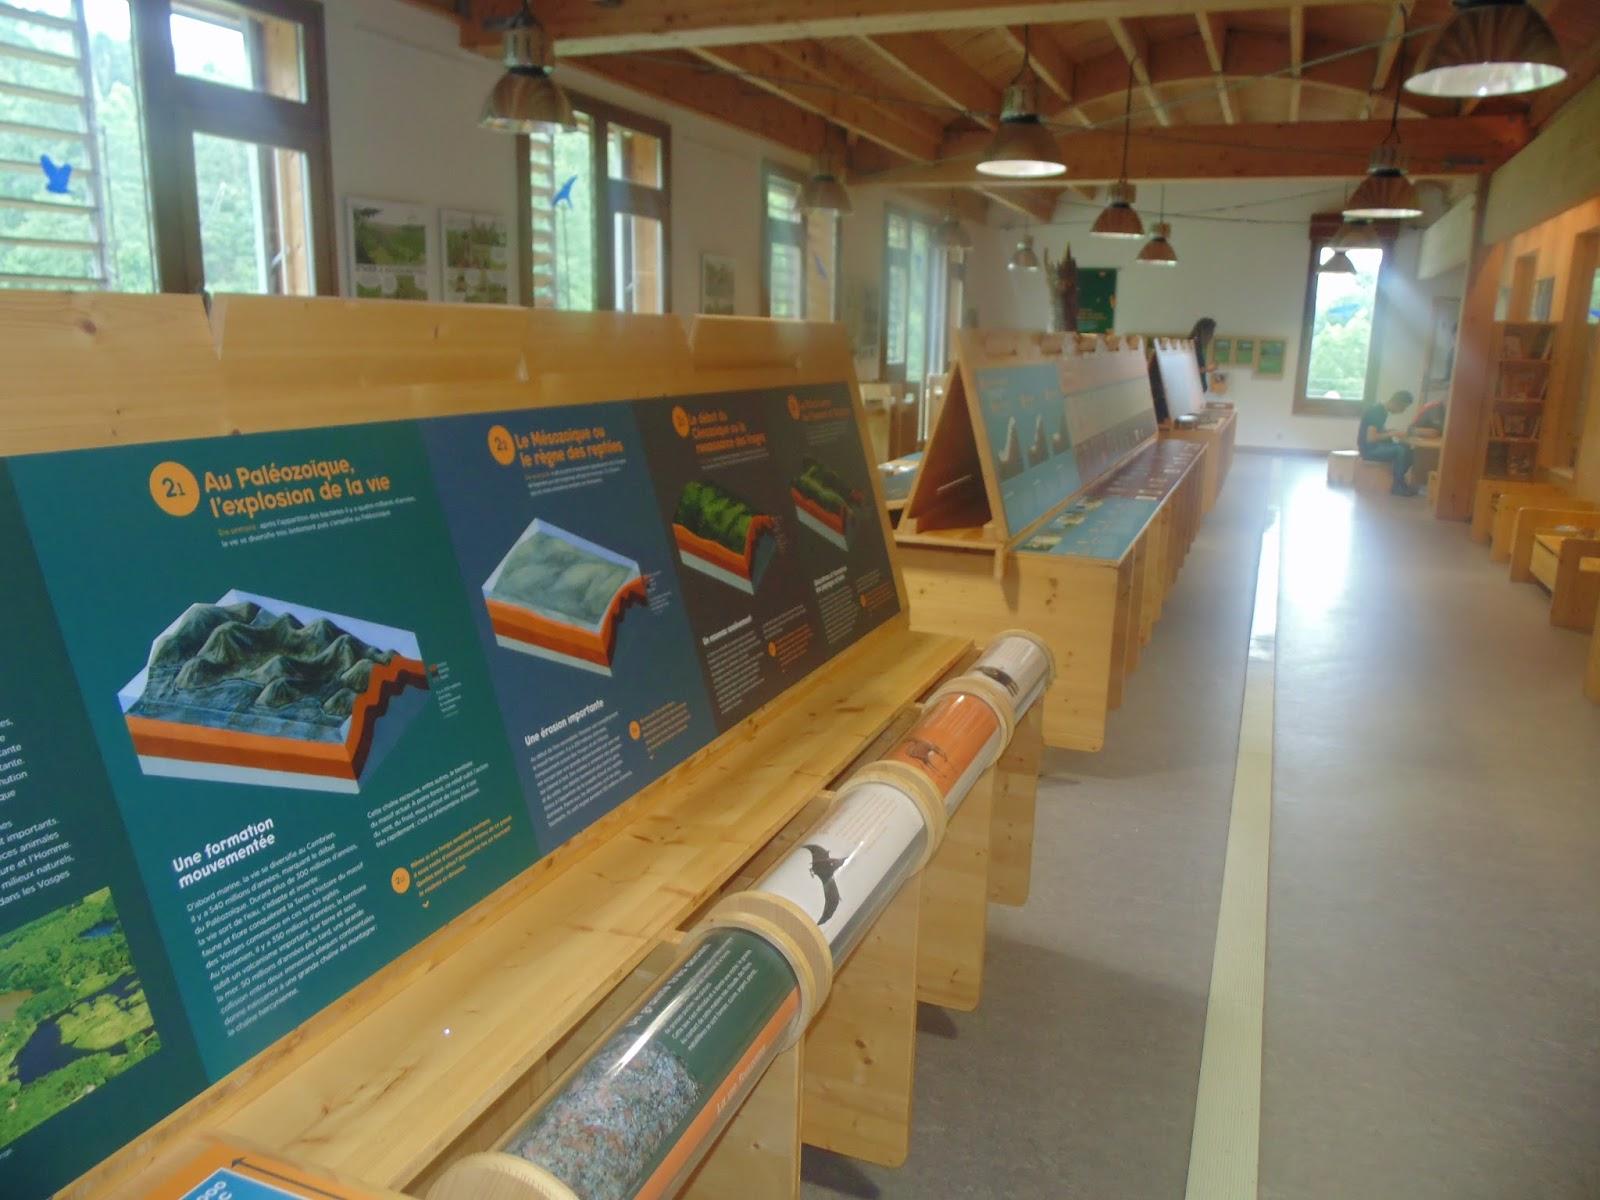 Exposition permanente de l'Espace Nature Culture